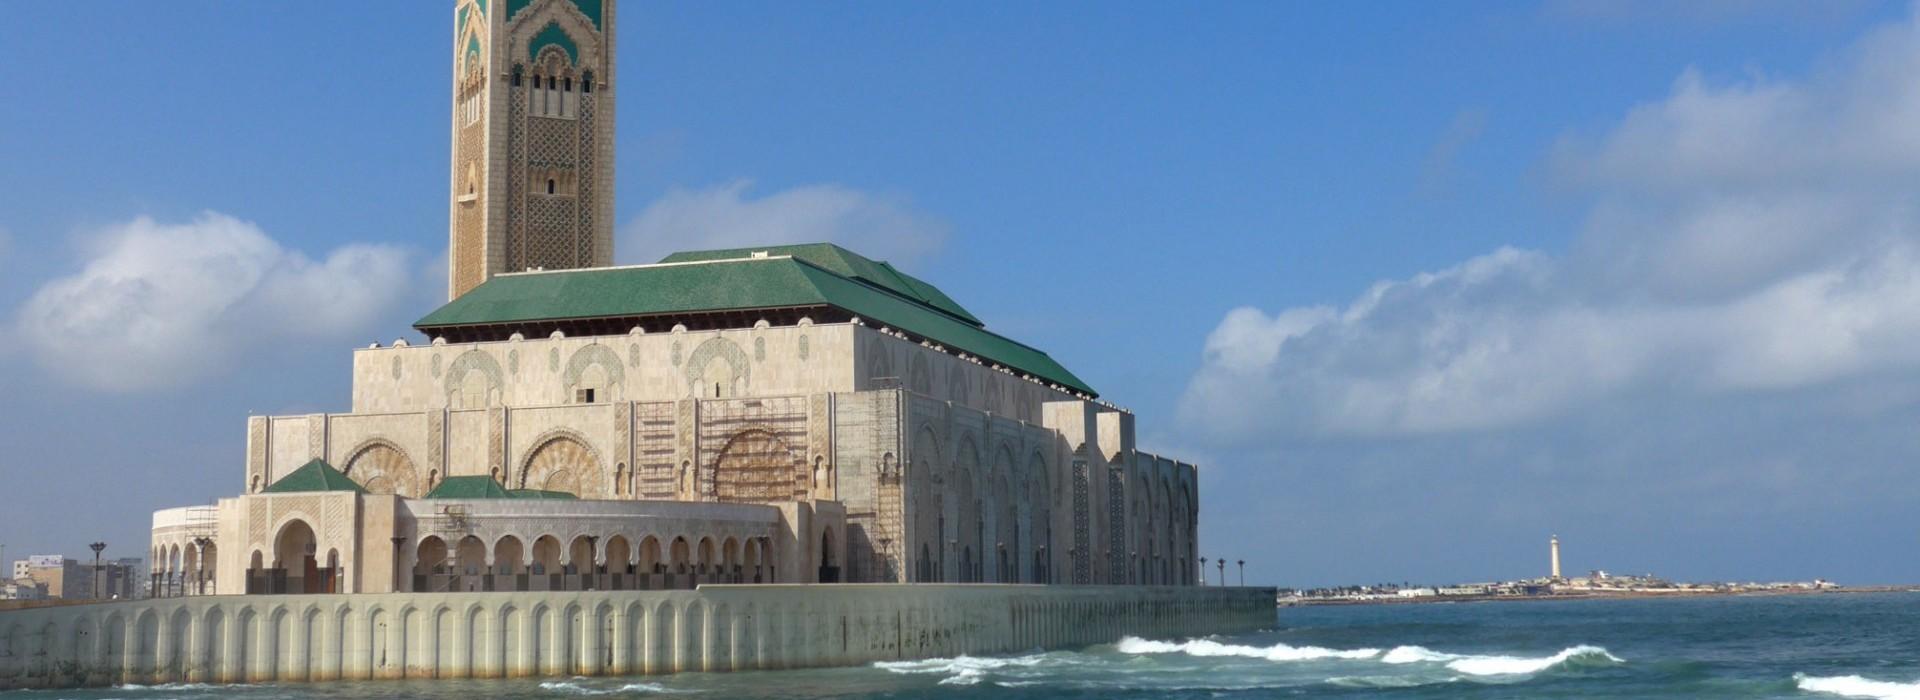 Hassan_II_Mosque_Casablanca_1-e1411842819483